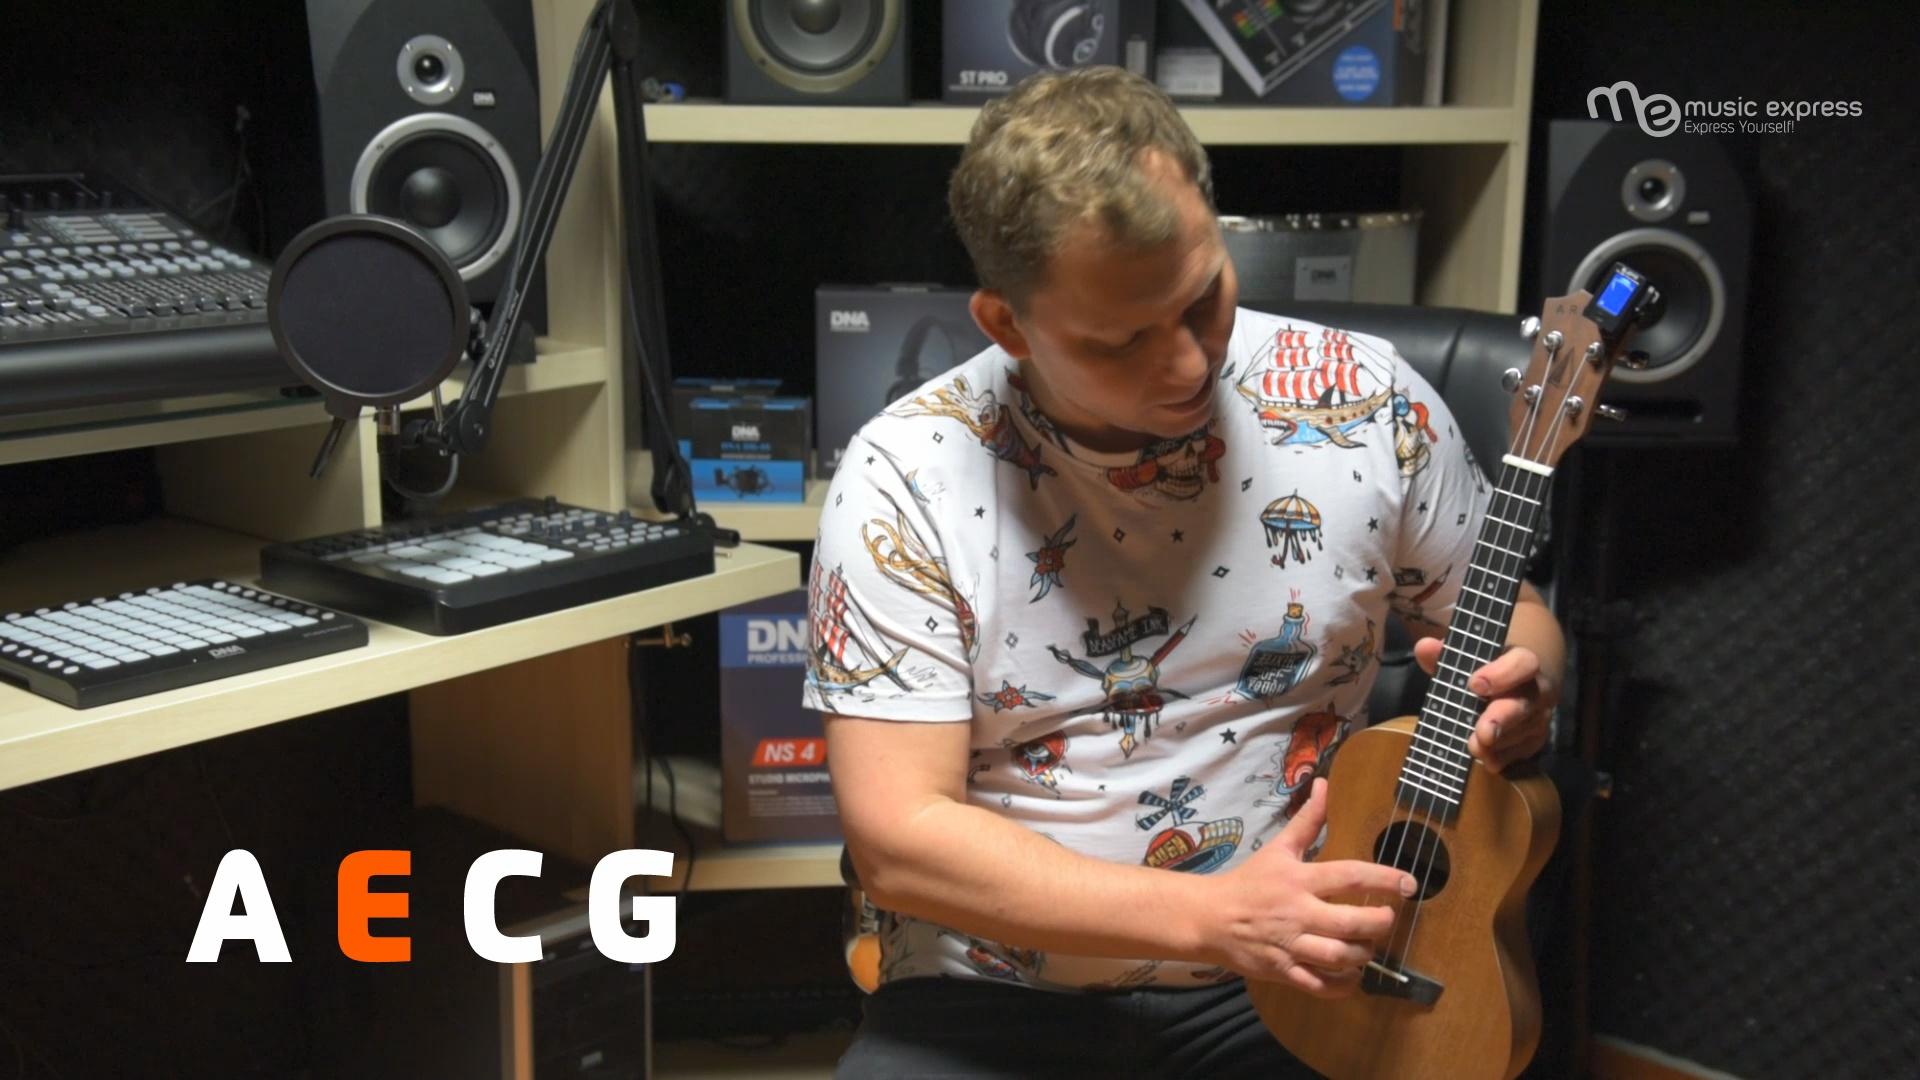 Strojenie ukulele